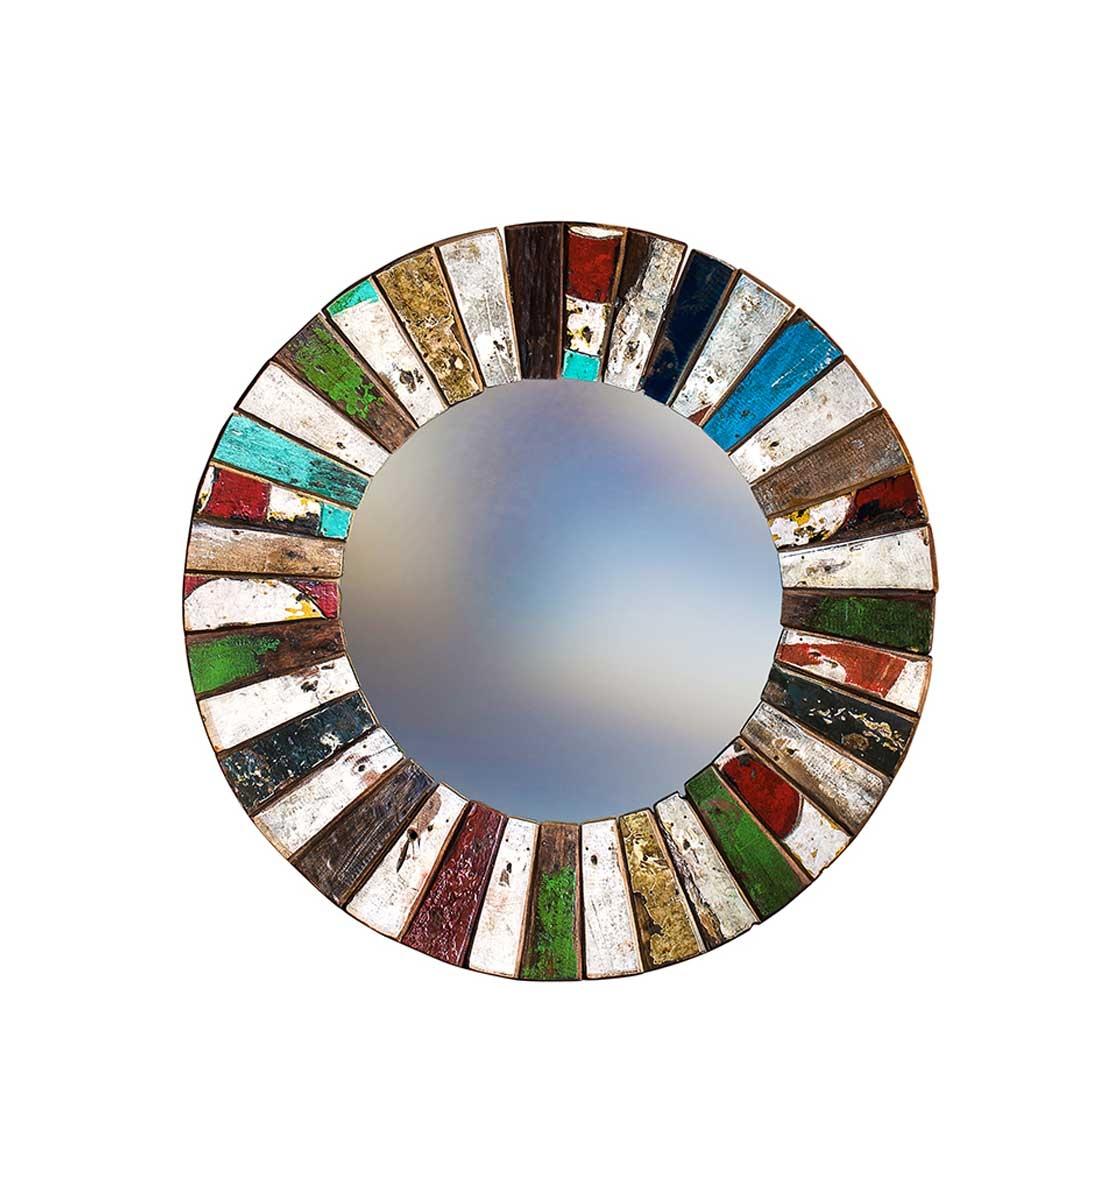 Зеркало КолобокНастенные зеркала<br>Круглое зеркало выполнено из фрагментов настоящего рыболовецкого судна, возраст которого 20-40 лет. Окрас сохранён оригинальный.&amp;amp;nbsp;<br><br>Material: Тик<br>Depth см: 4<br>Diameter см: 78